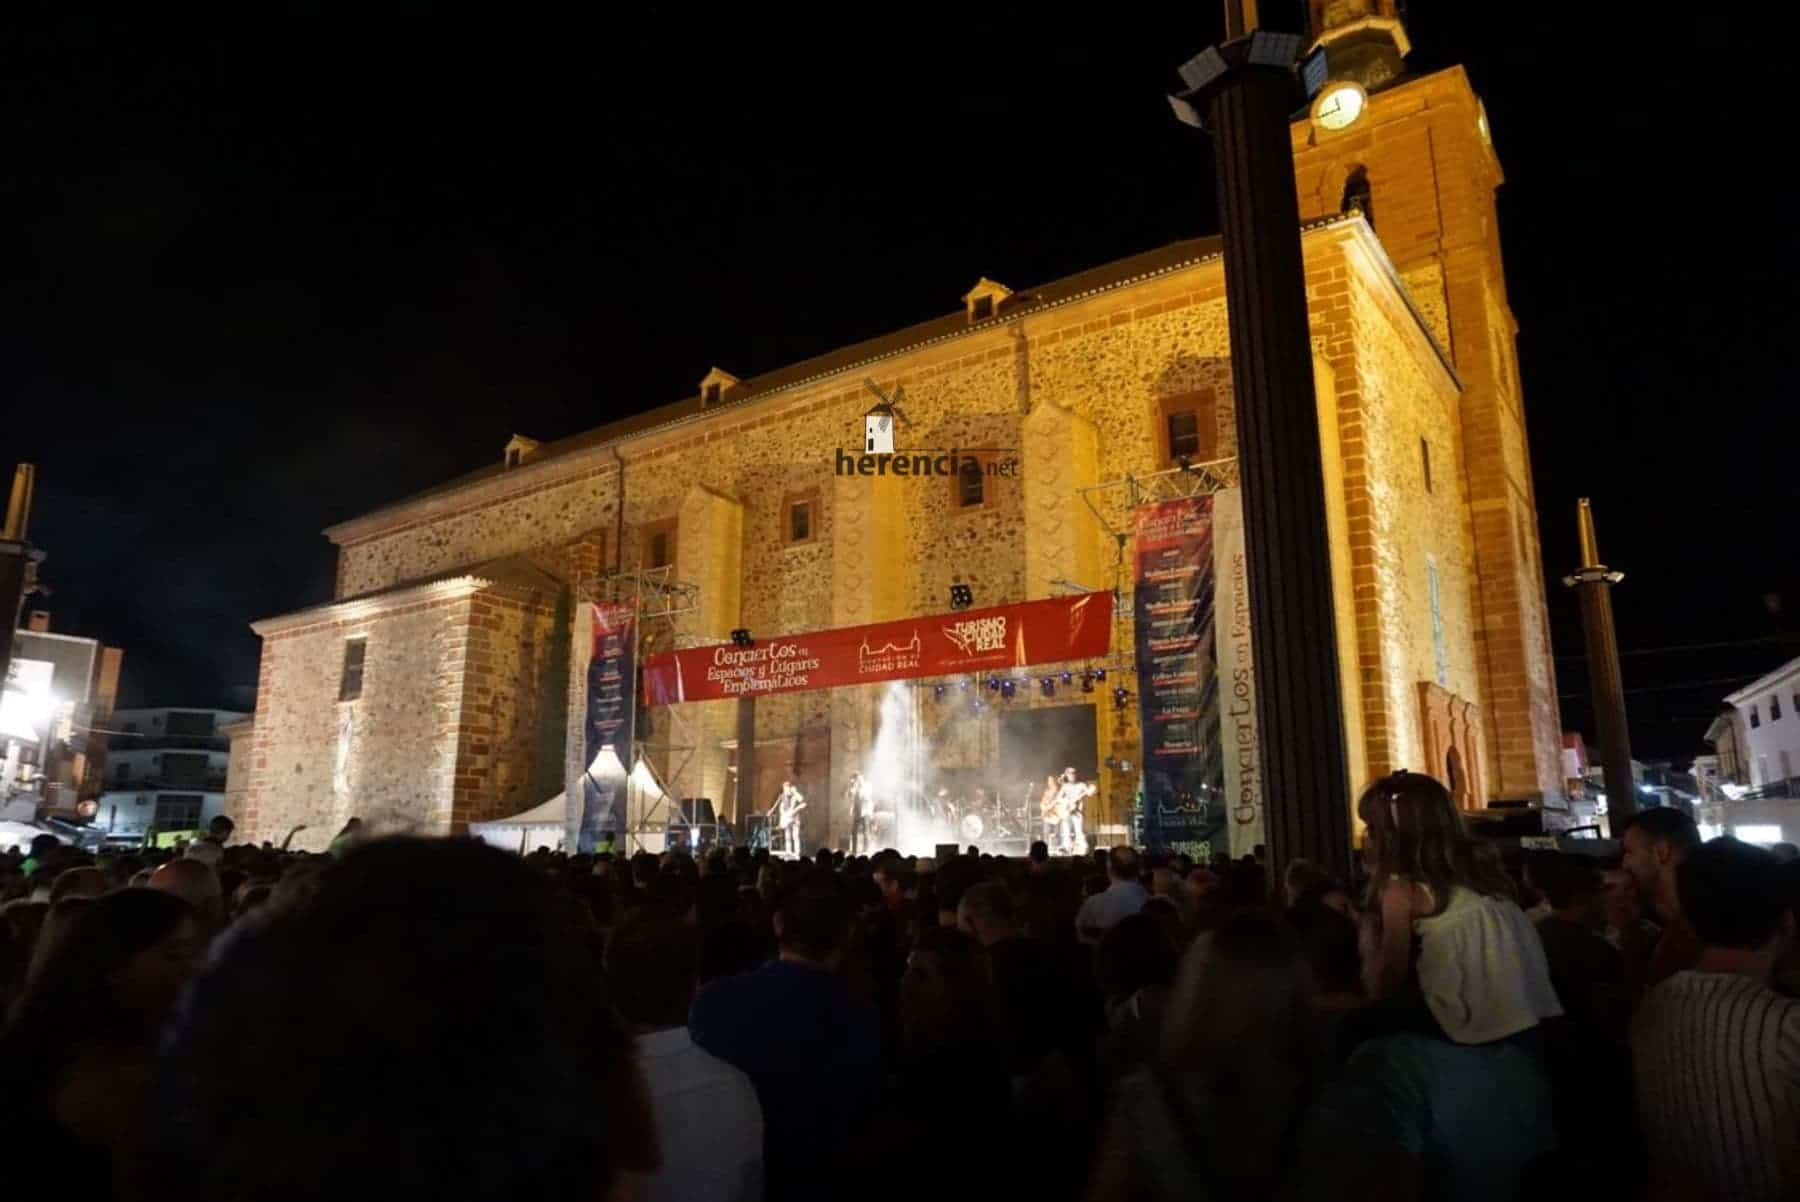 DVICIO llena una renovada Plaza de España en Herencia 49